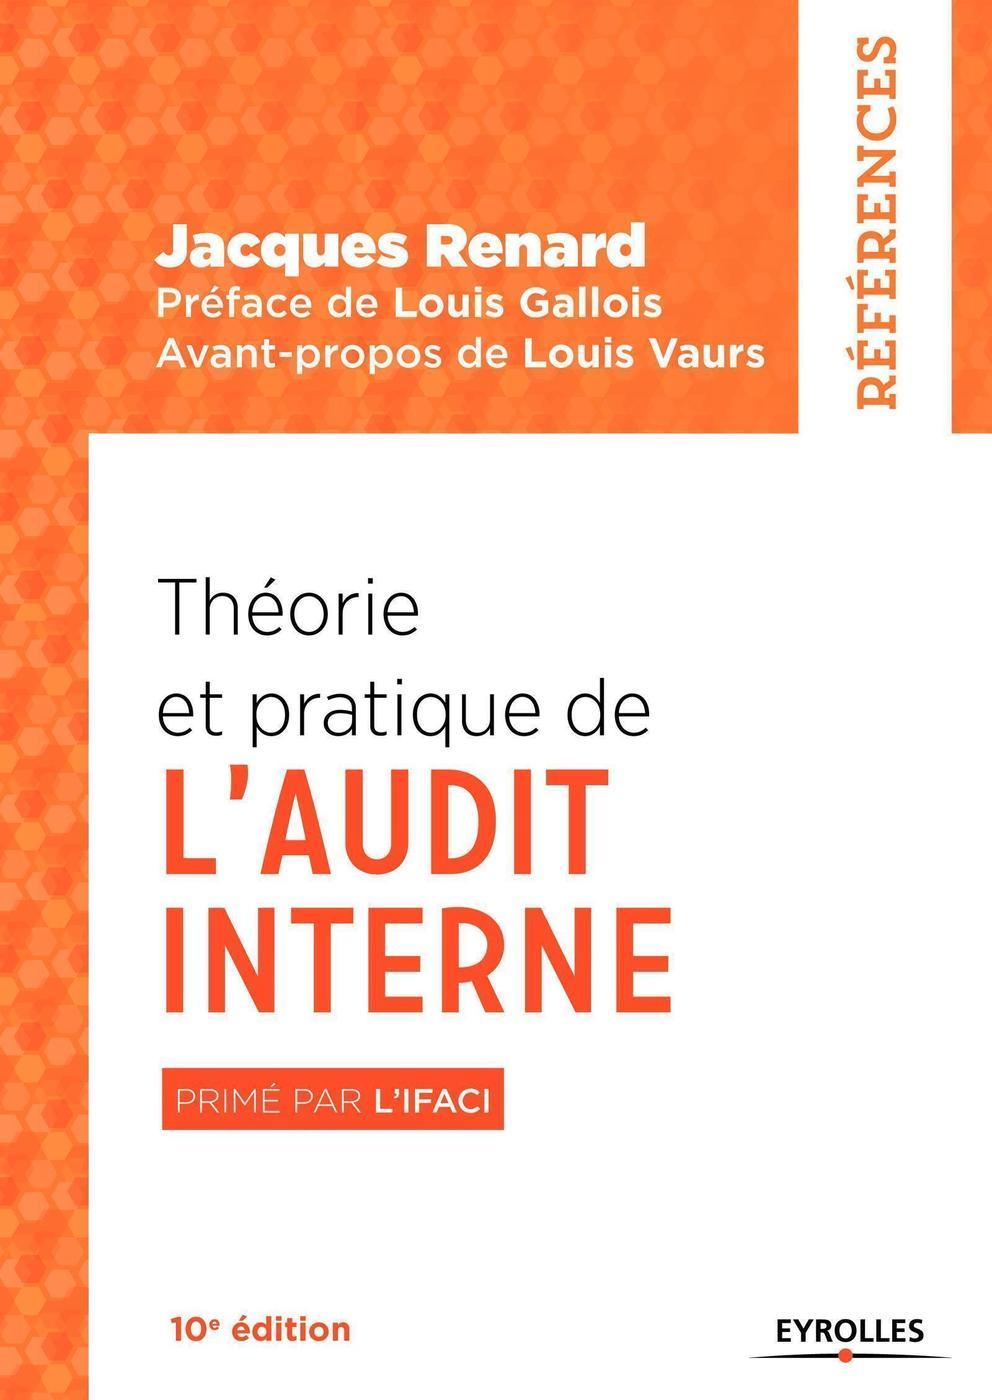 Theorie Et Pratique De L Audit Interne J Renard 10eme Edition Librairie Eyrolles